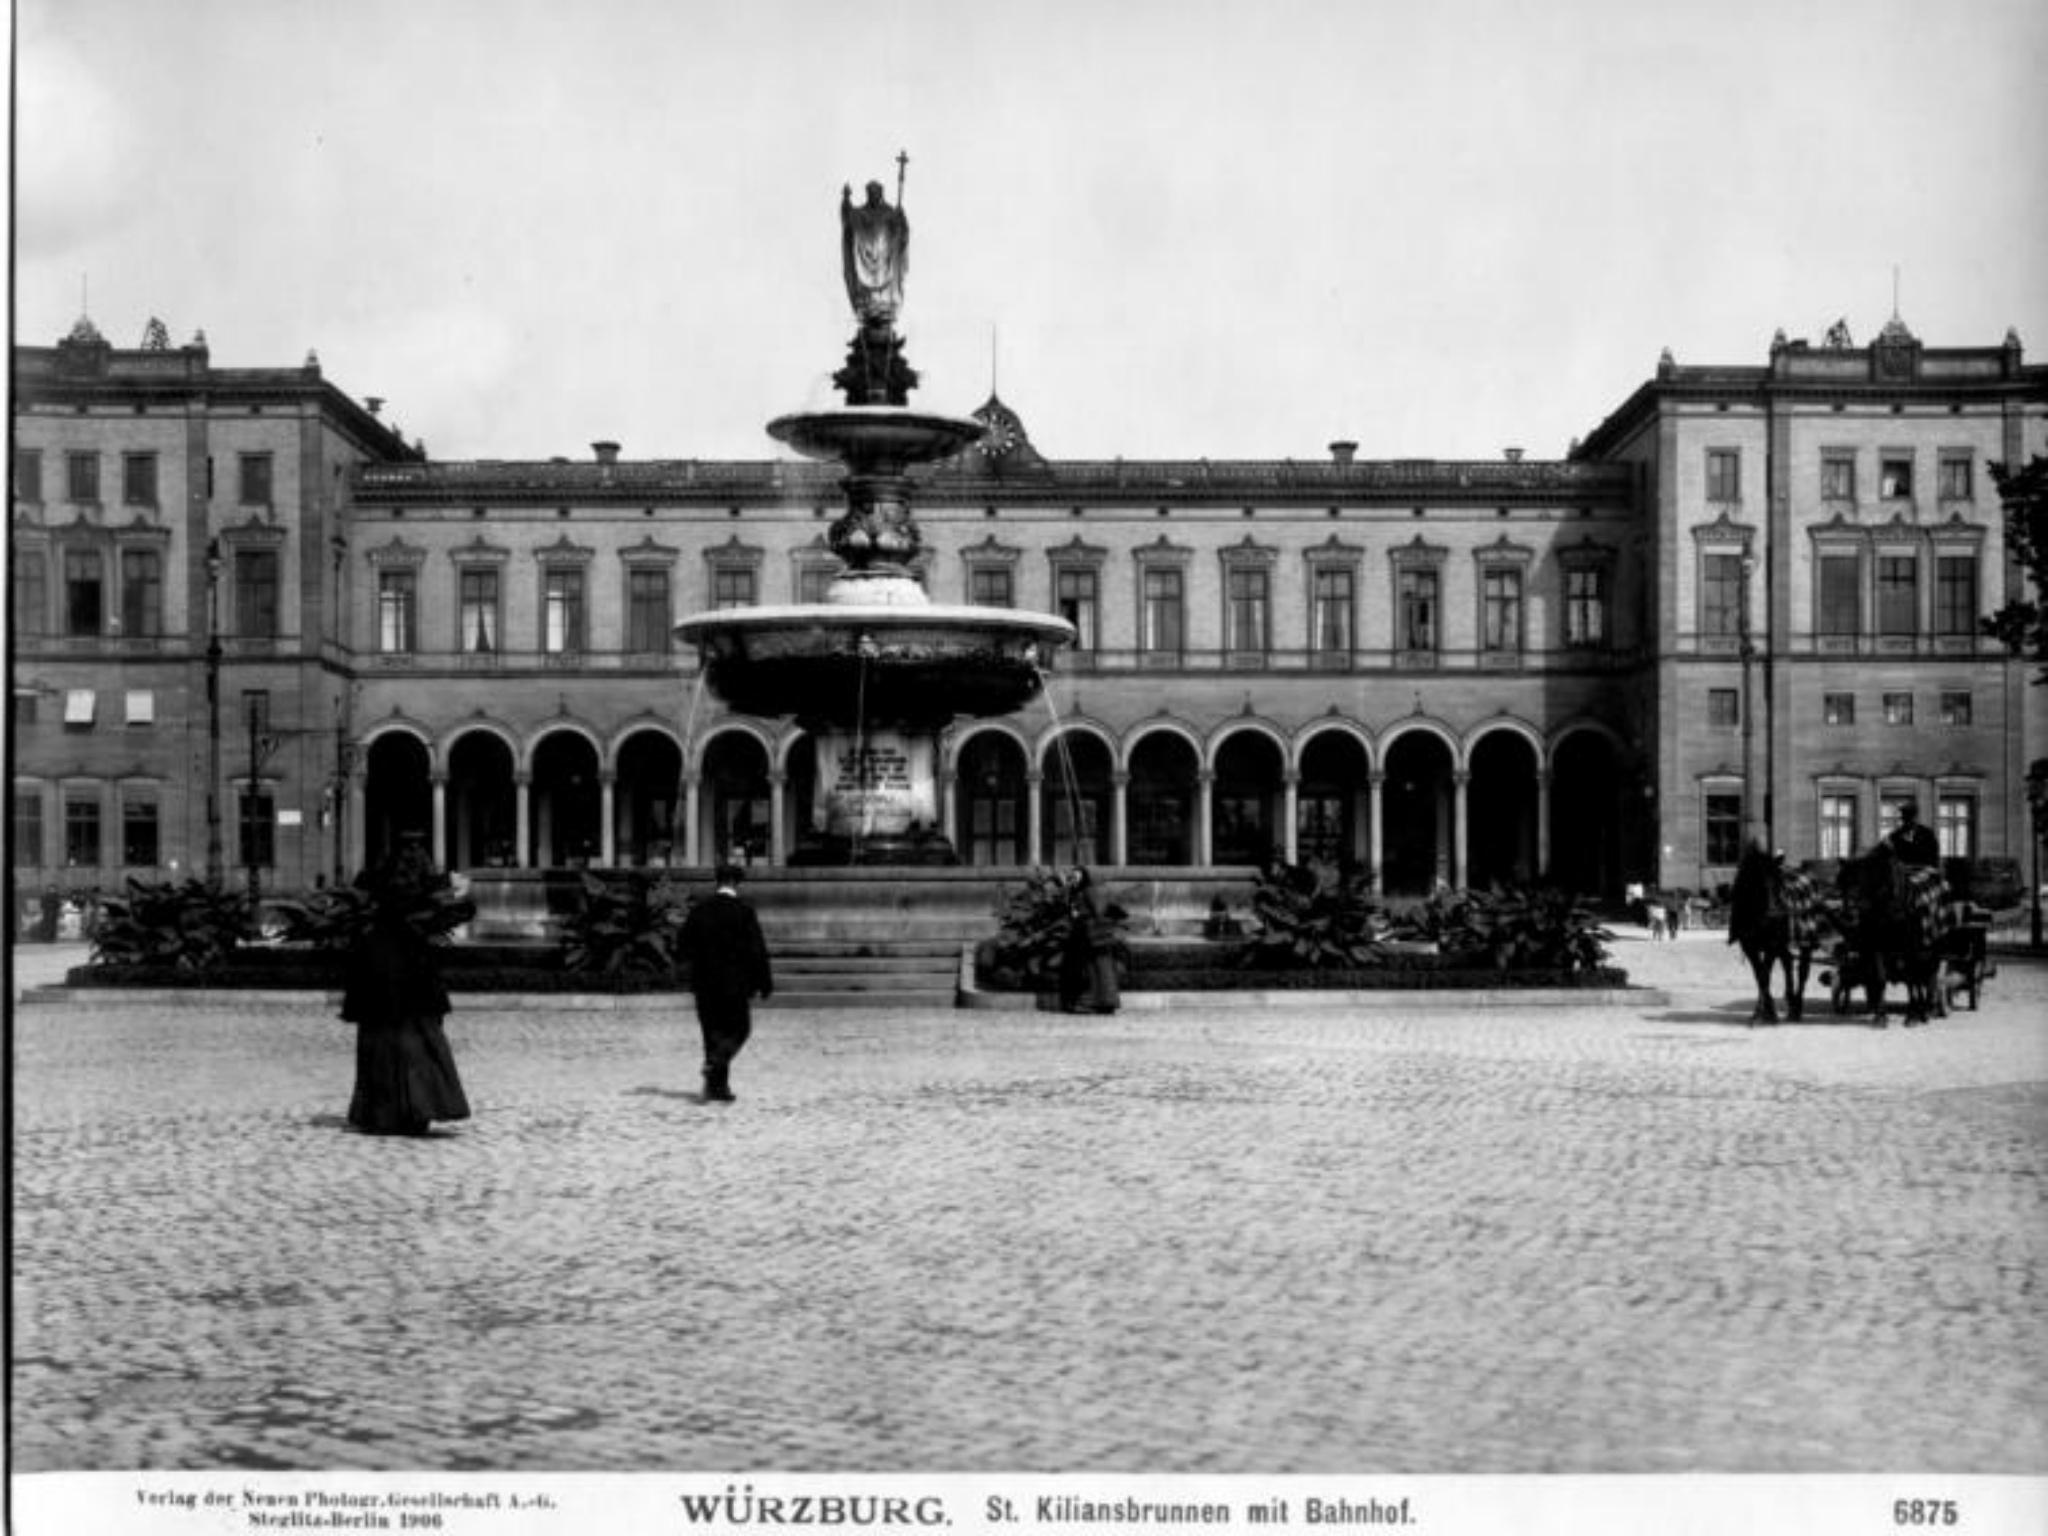 Der Hauptbahnhof mit Kiliansbrunnen in 1906. Archiv: Willi Dürrnagel